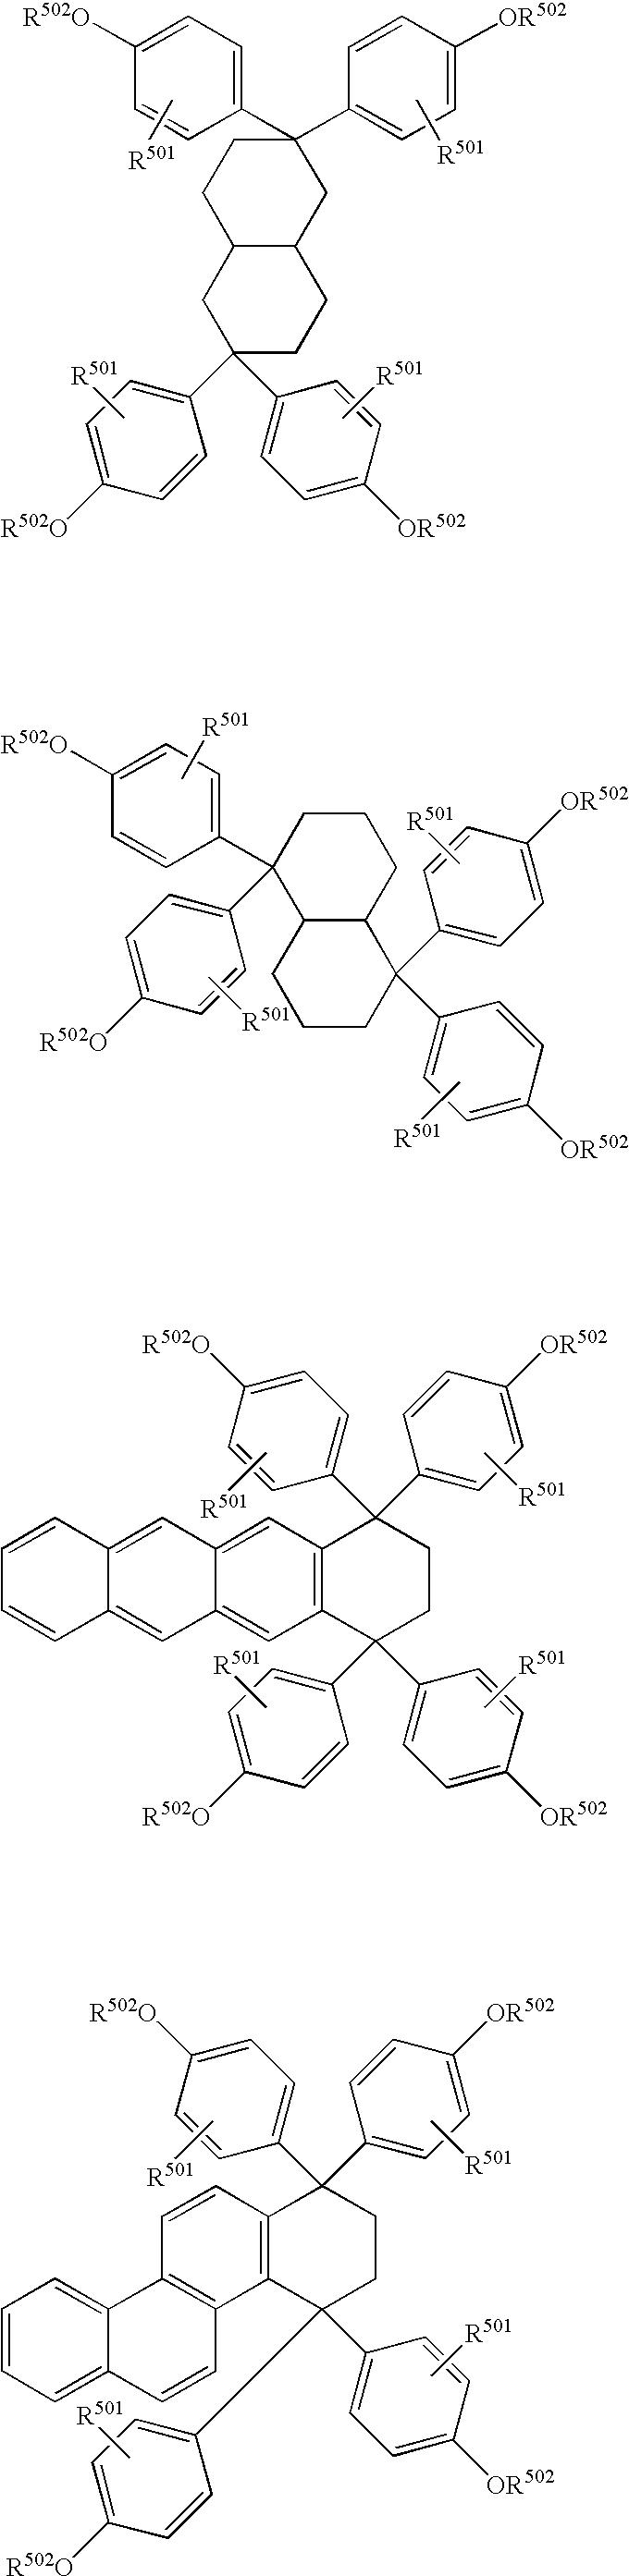 Figure US08129086-20120306-C00086